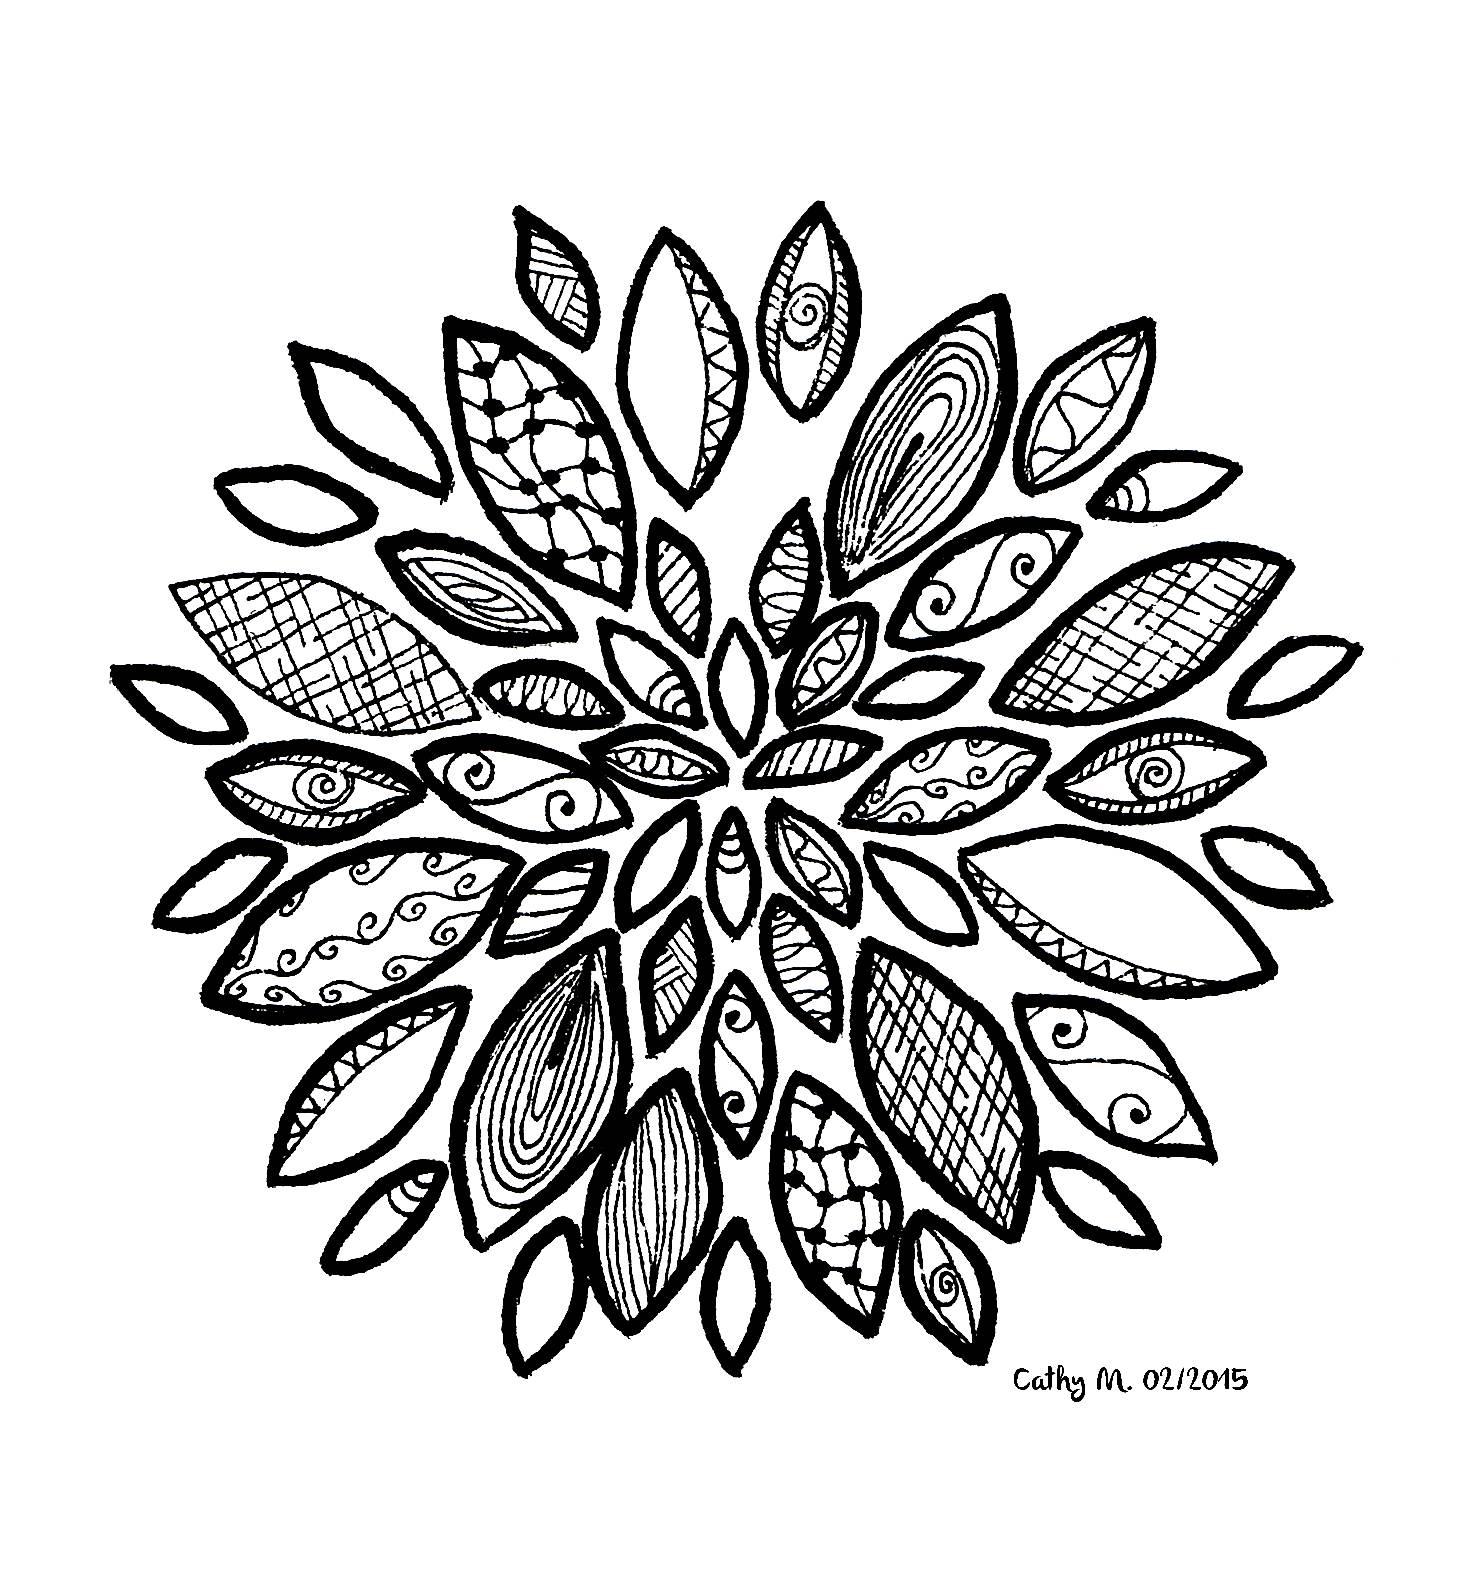 'Fleur imaginaire', coloriage original style Zentangle  Voir l'oeuvre originale